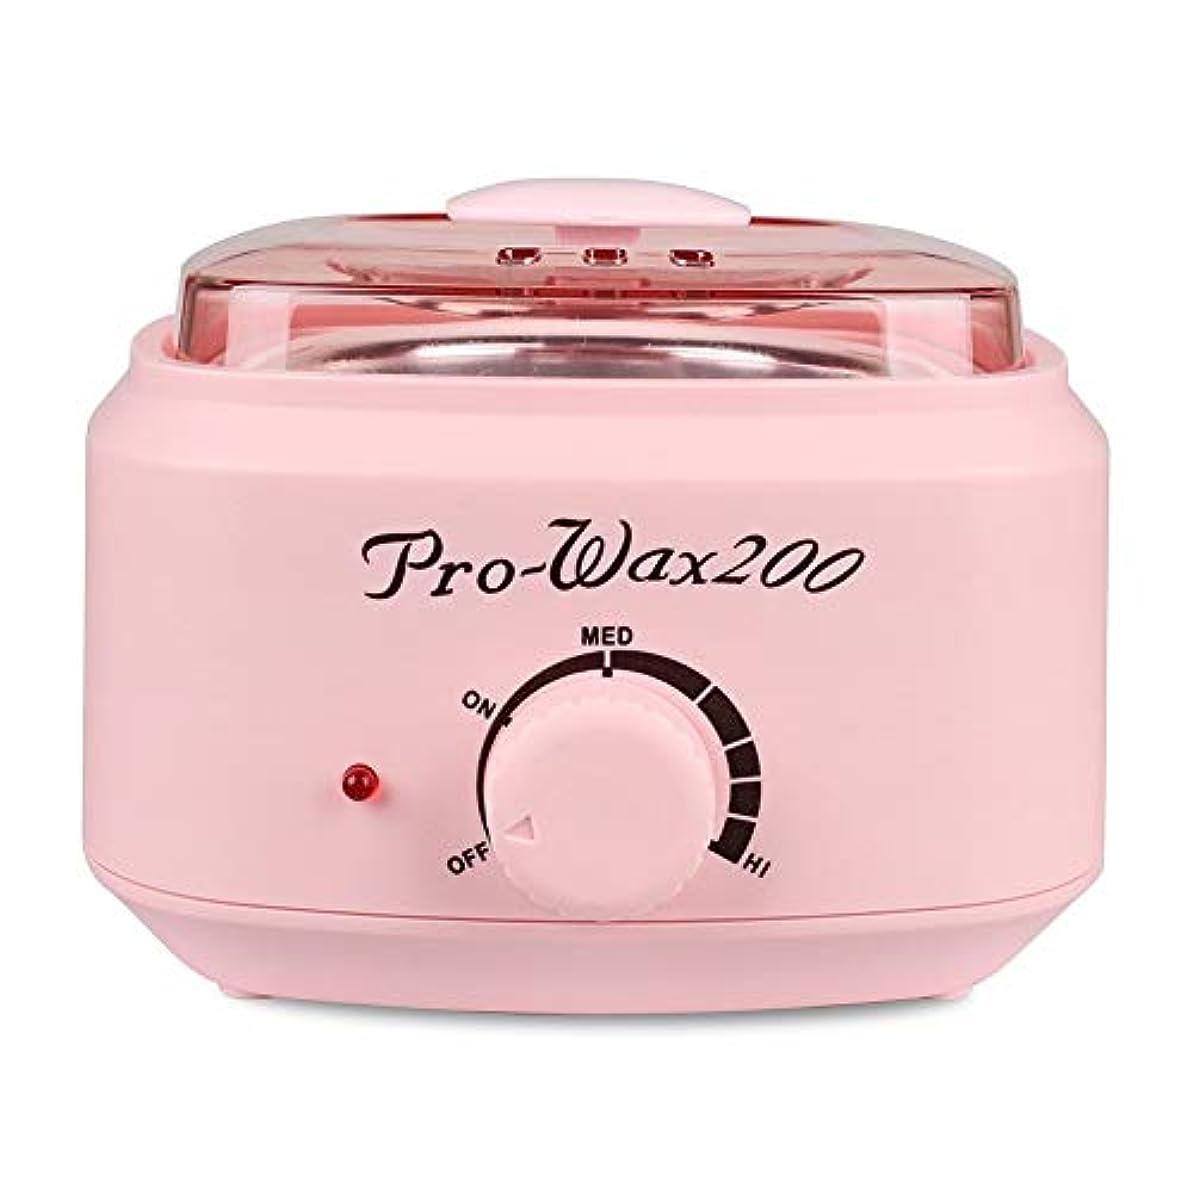 断言する他の日サンダースプロの電気ワックスウォーマーとヒーター、速くて痛みのない脱毛、楽器多機能溶融ワックスマシンホームワックス女性/男性用500CC (Color : Pink)